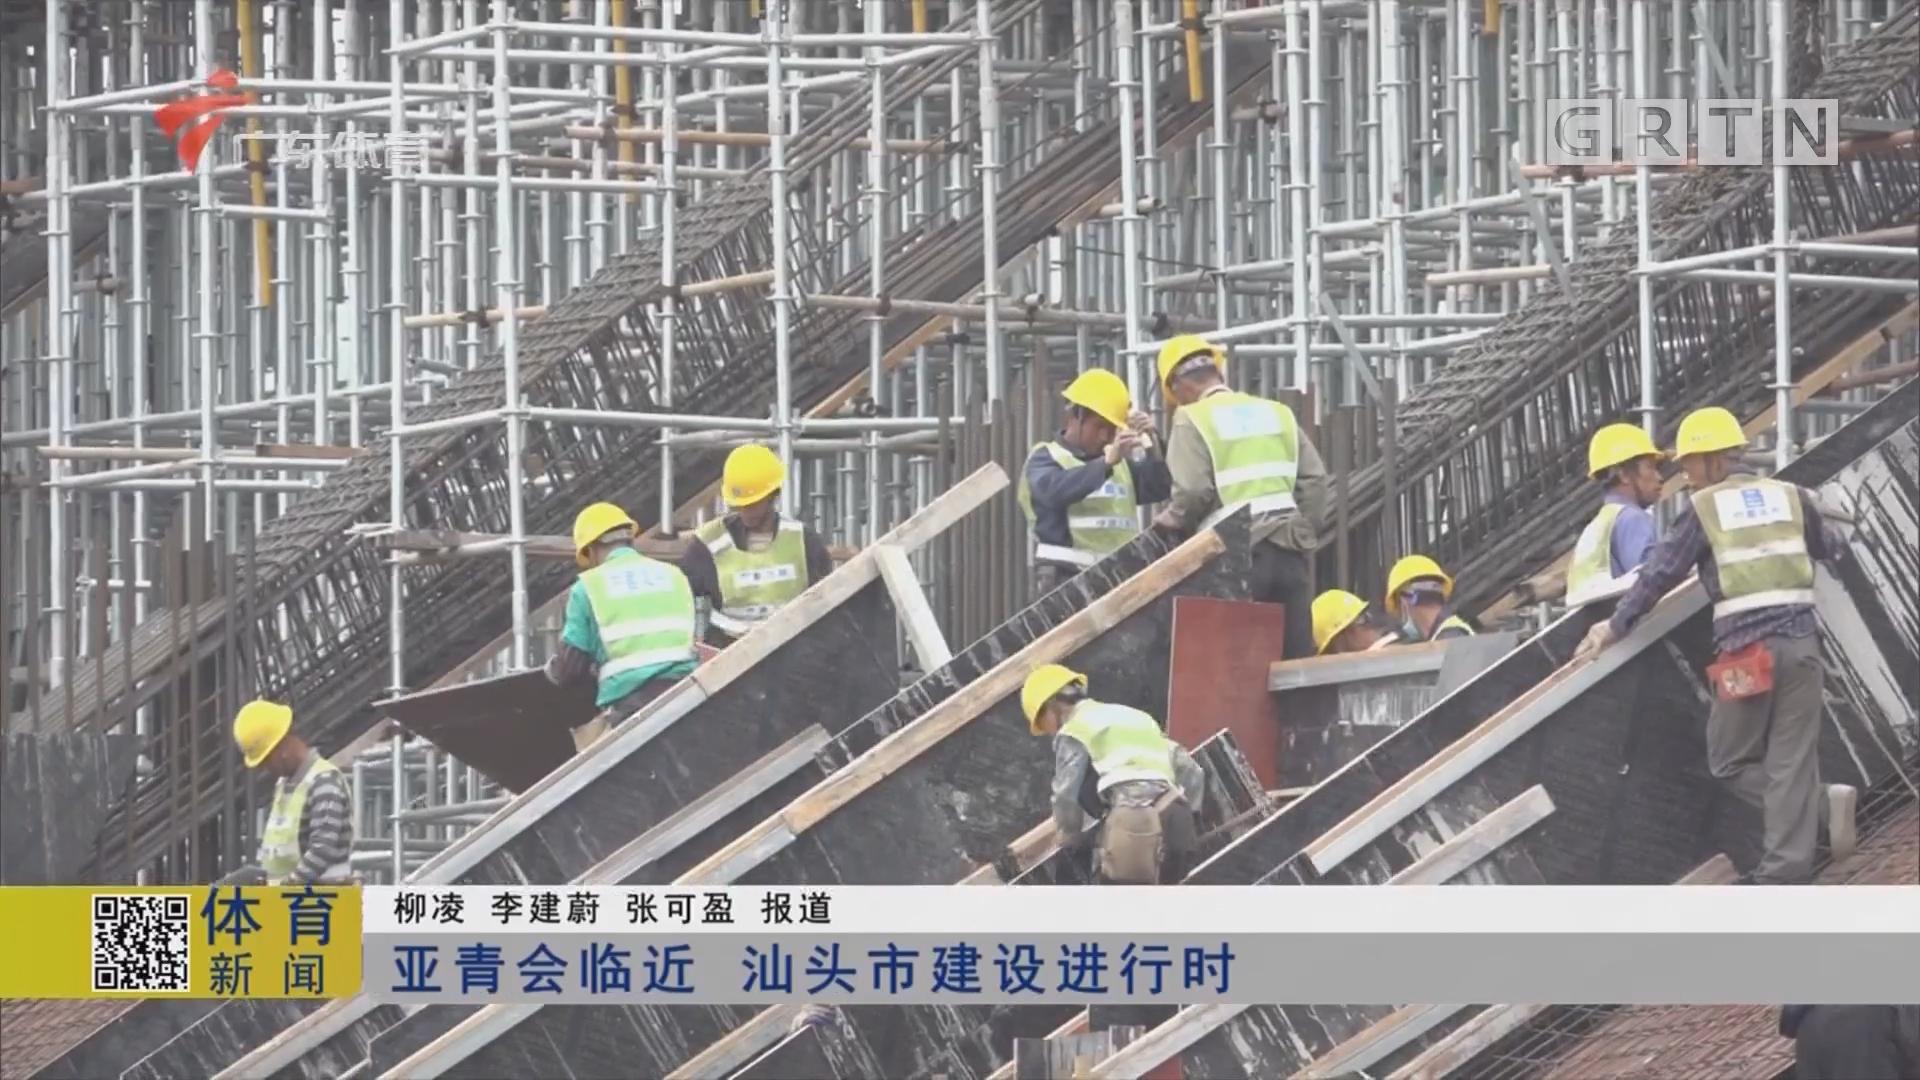 亞青會臨近 汕頭市建設進行時